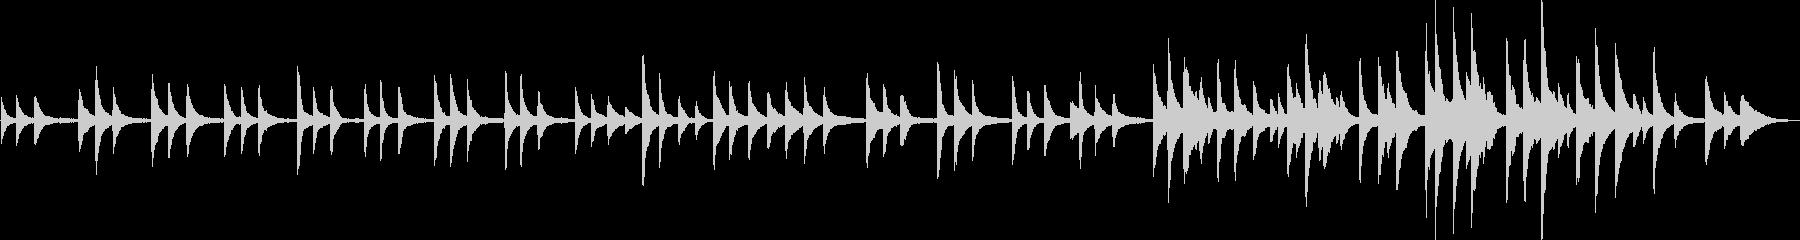 静かで幻想的な優しいピアノバラードの未再生の波形